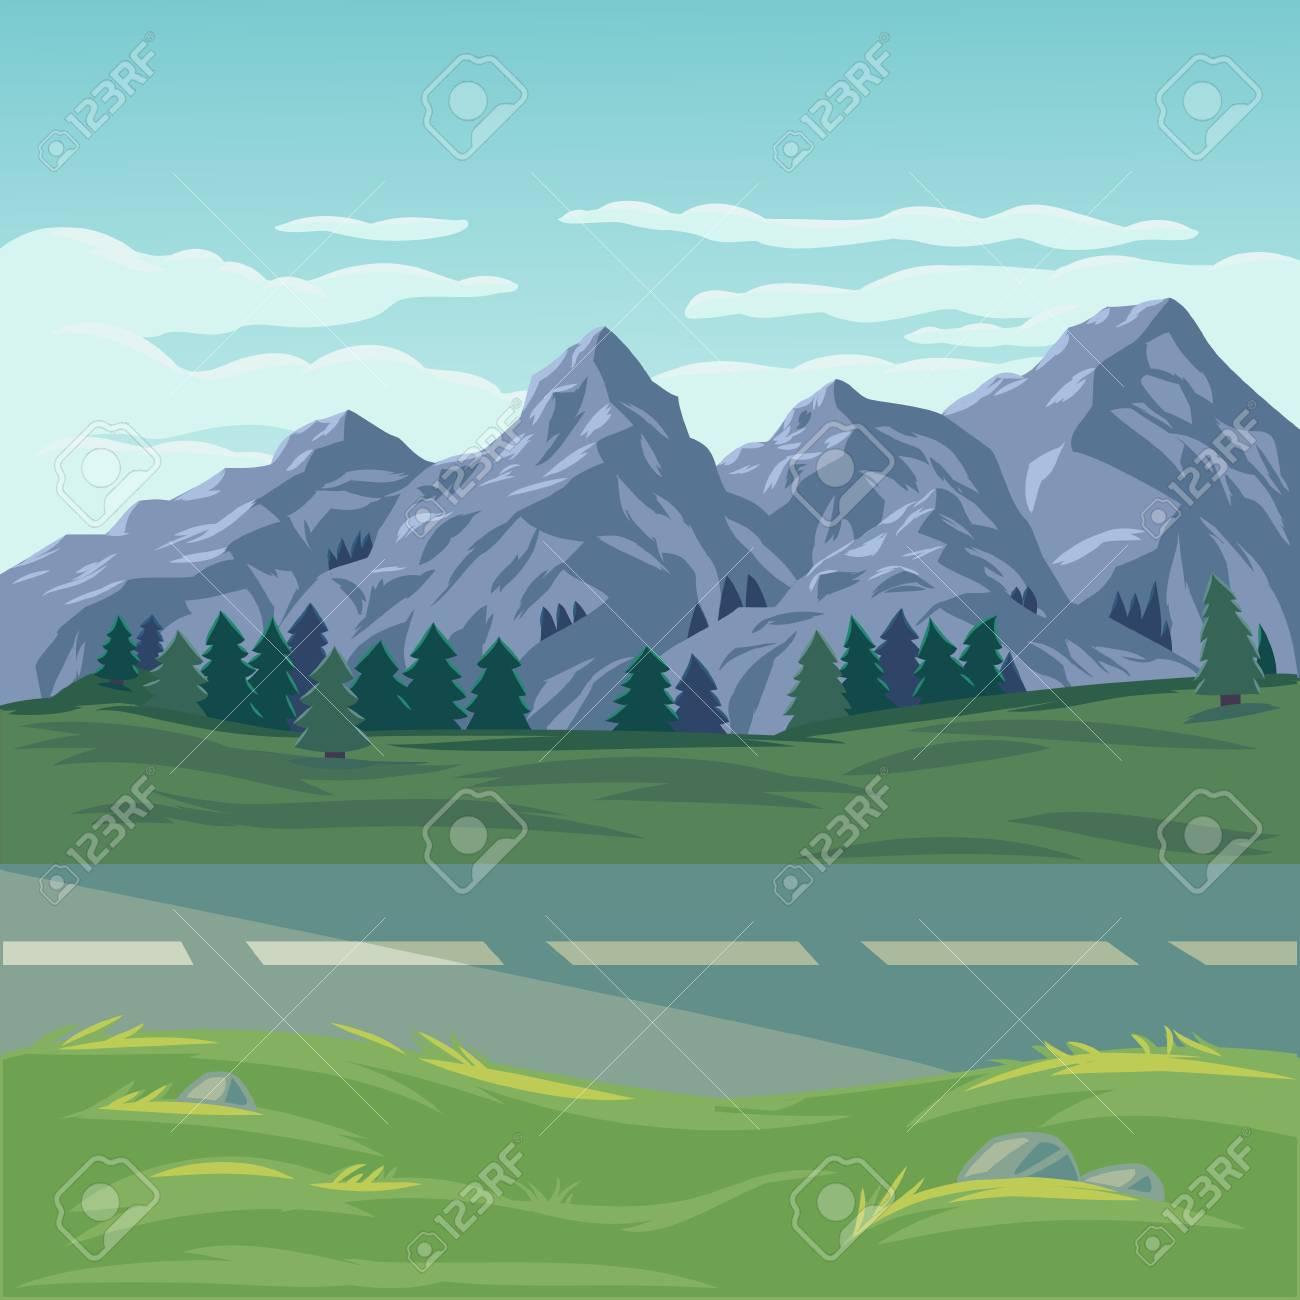 山の風景のイラスト の写真素材画像素材 Image 70784771